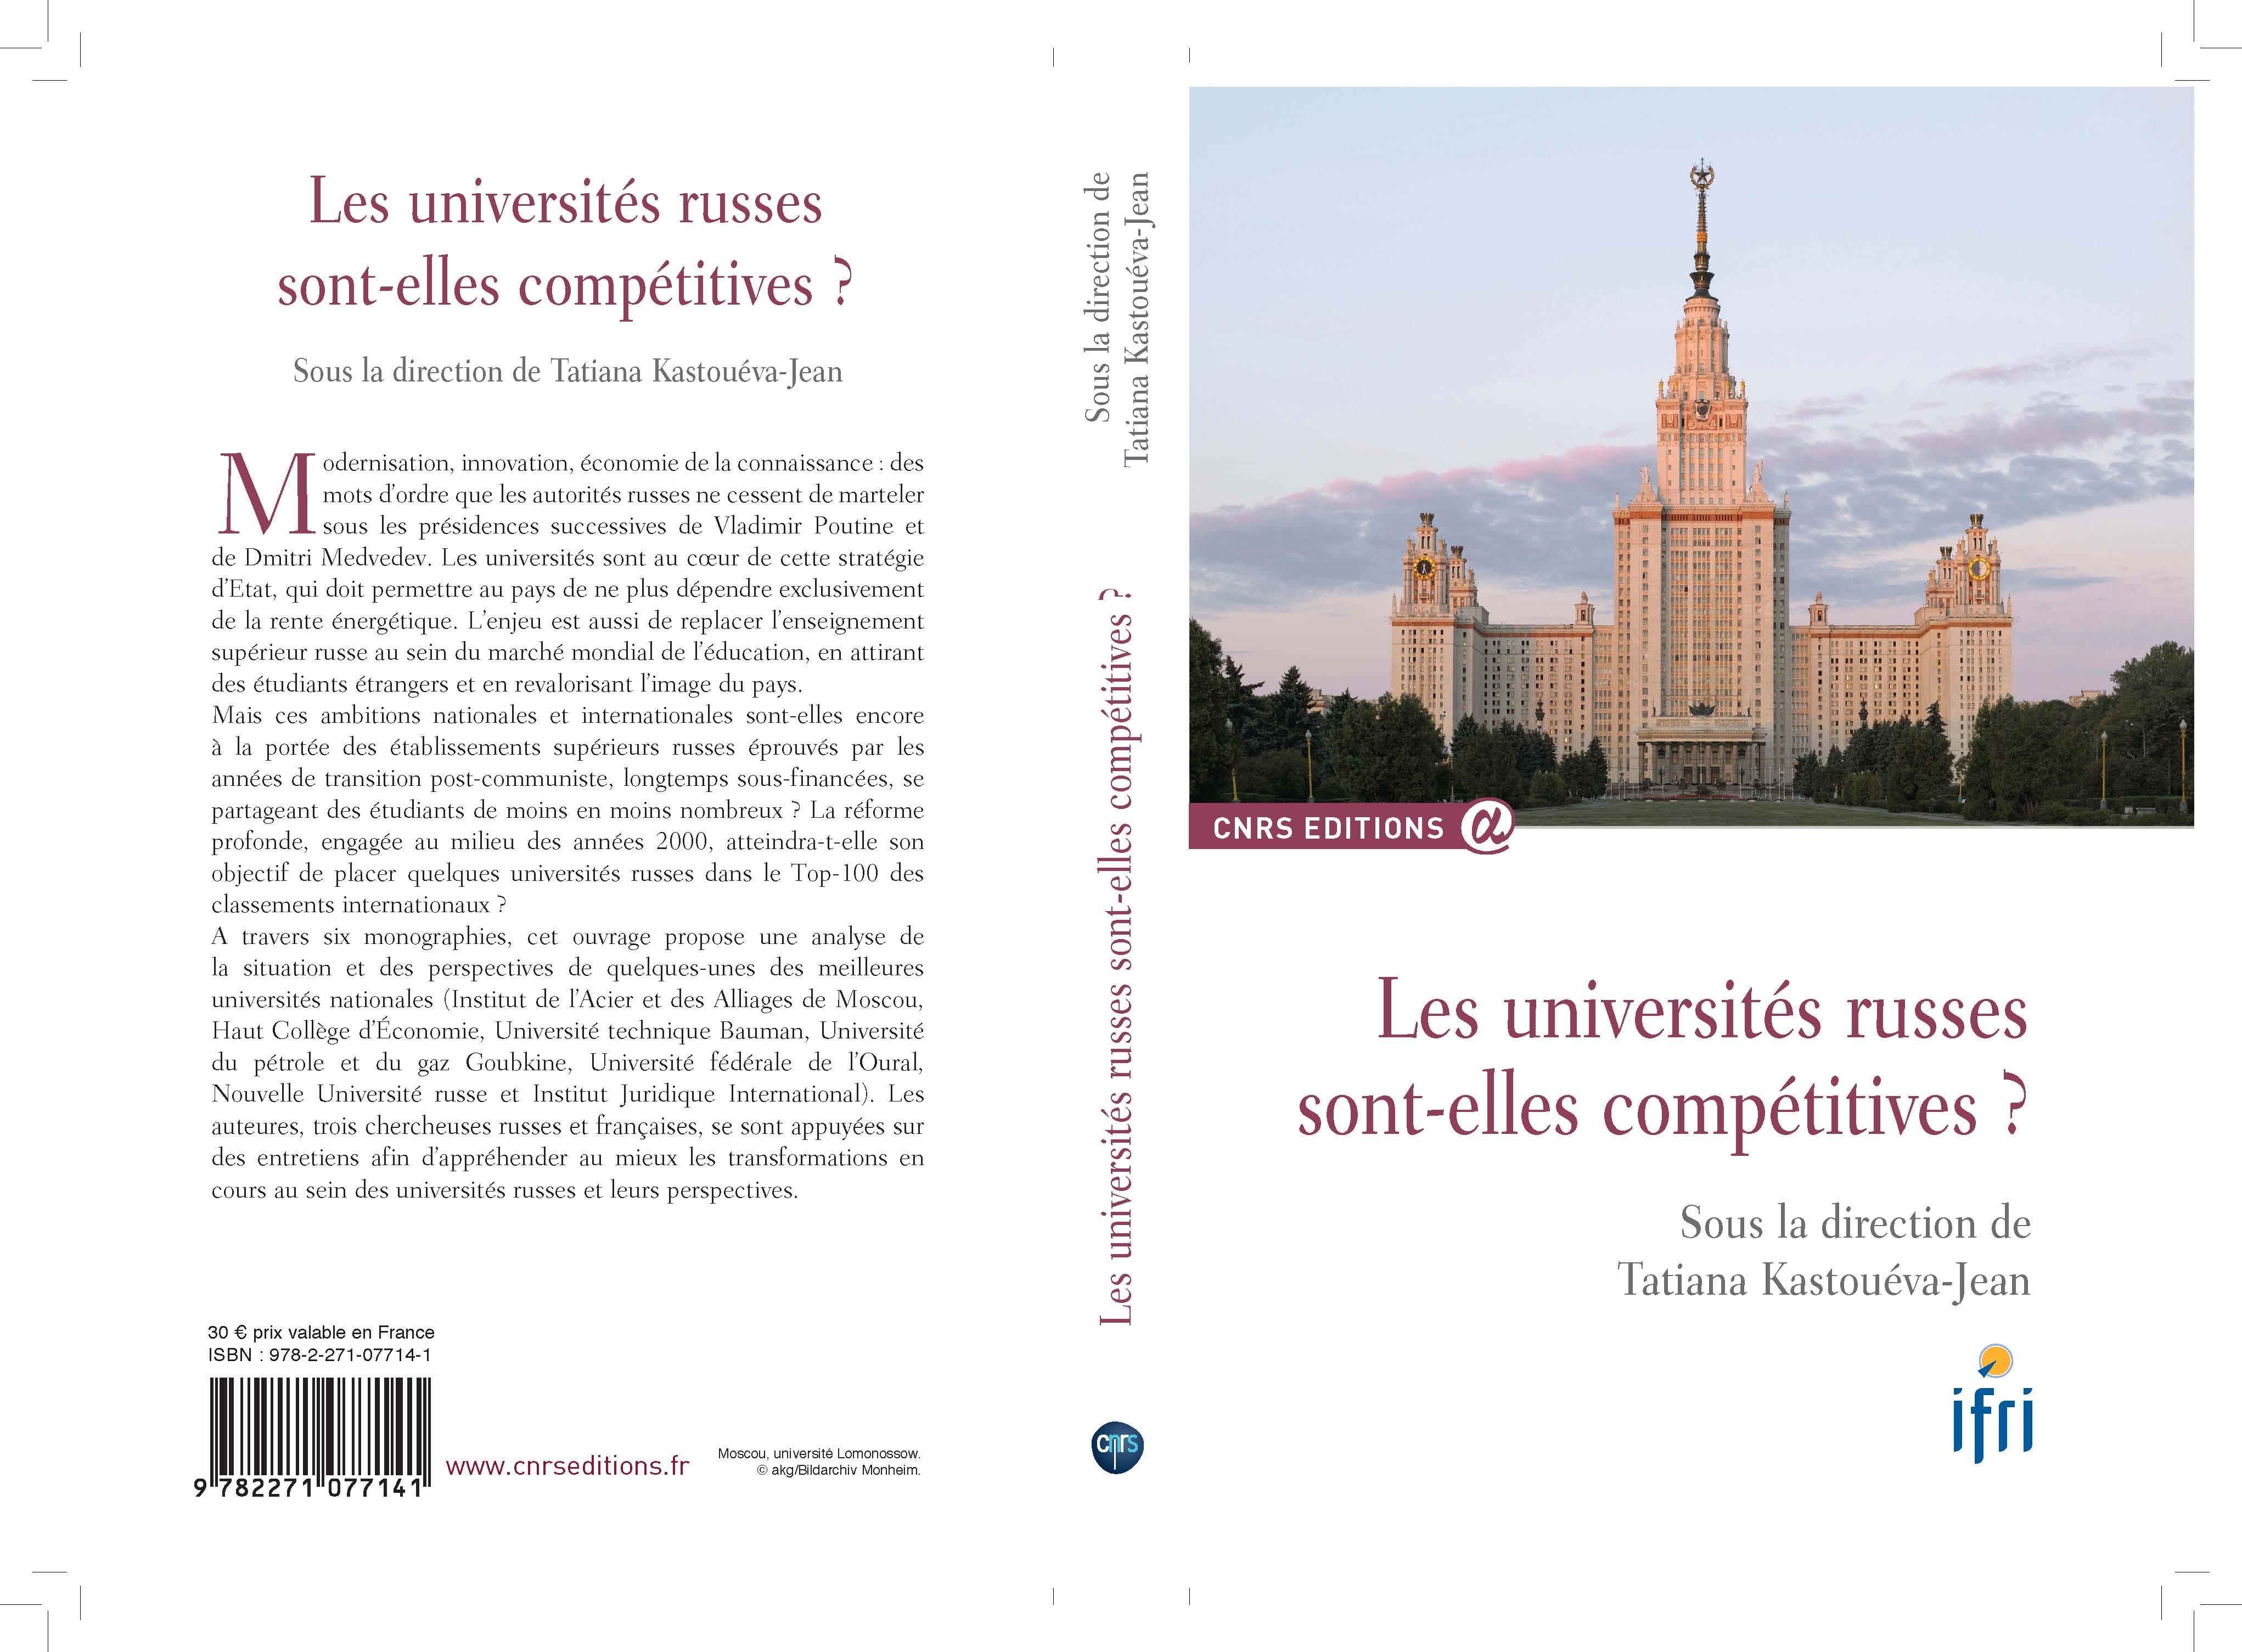 Les Universités russes: sont-elles compétitives?